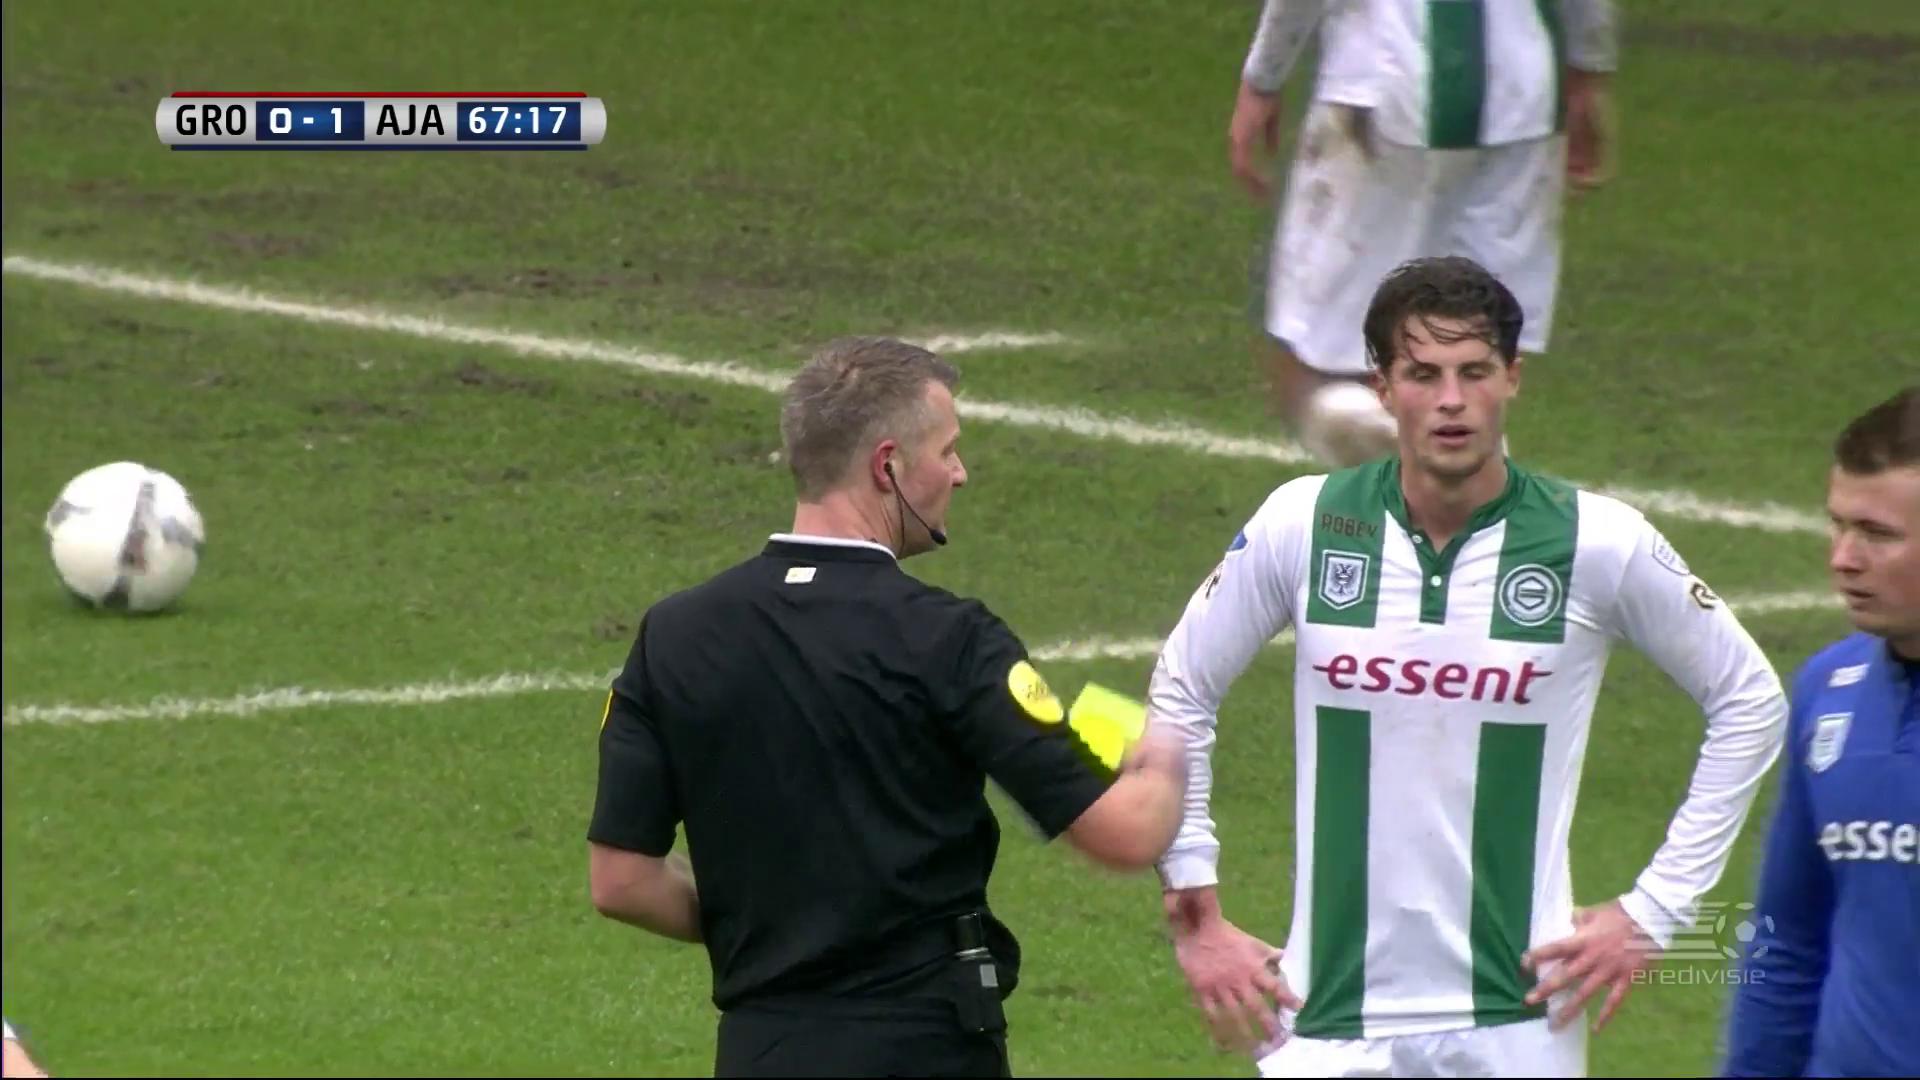 Groningen 1-2 Ajax